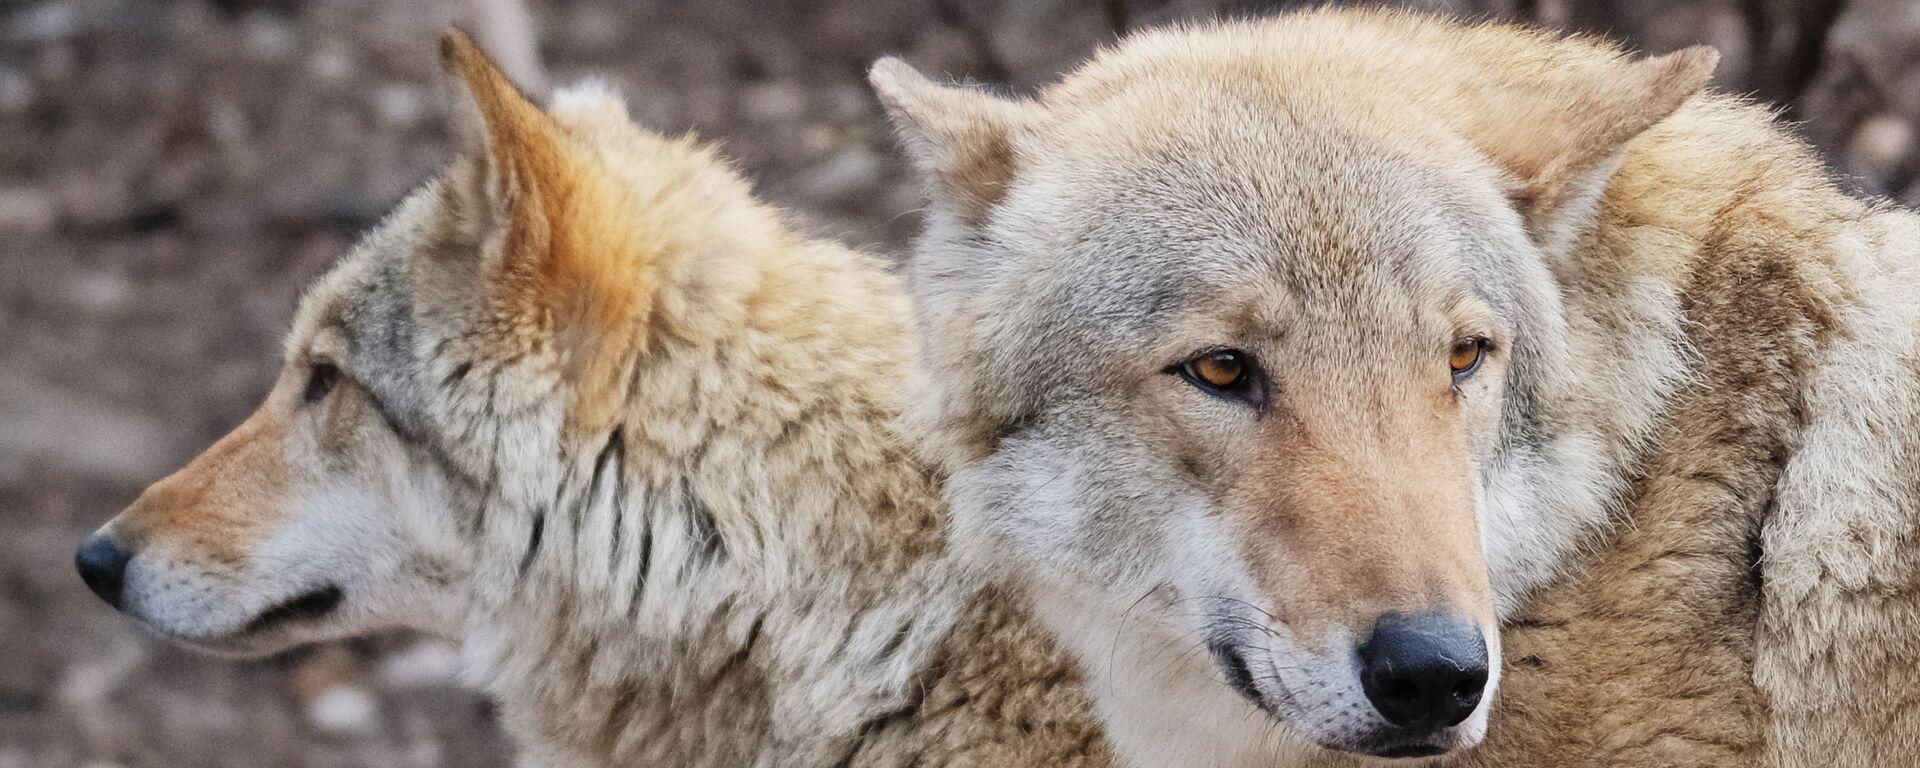 Европейские волки (canis lupus) в Московском зоопарке - Sputnik Латвия, 1920, 07.02.2021